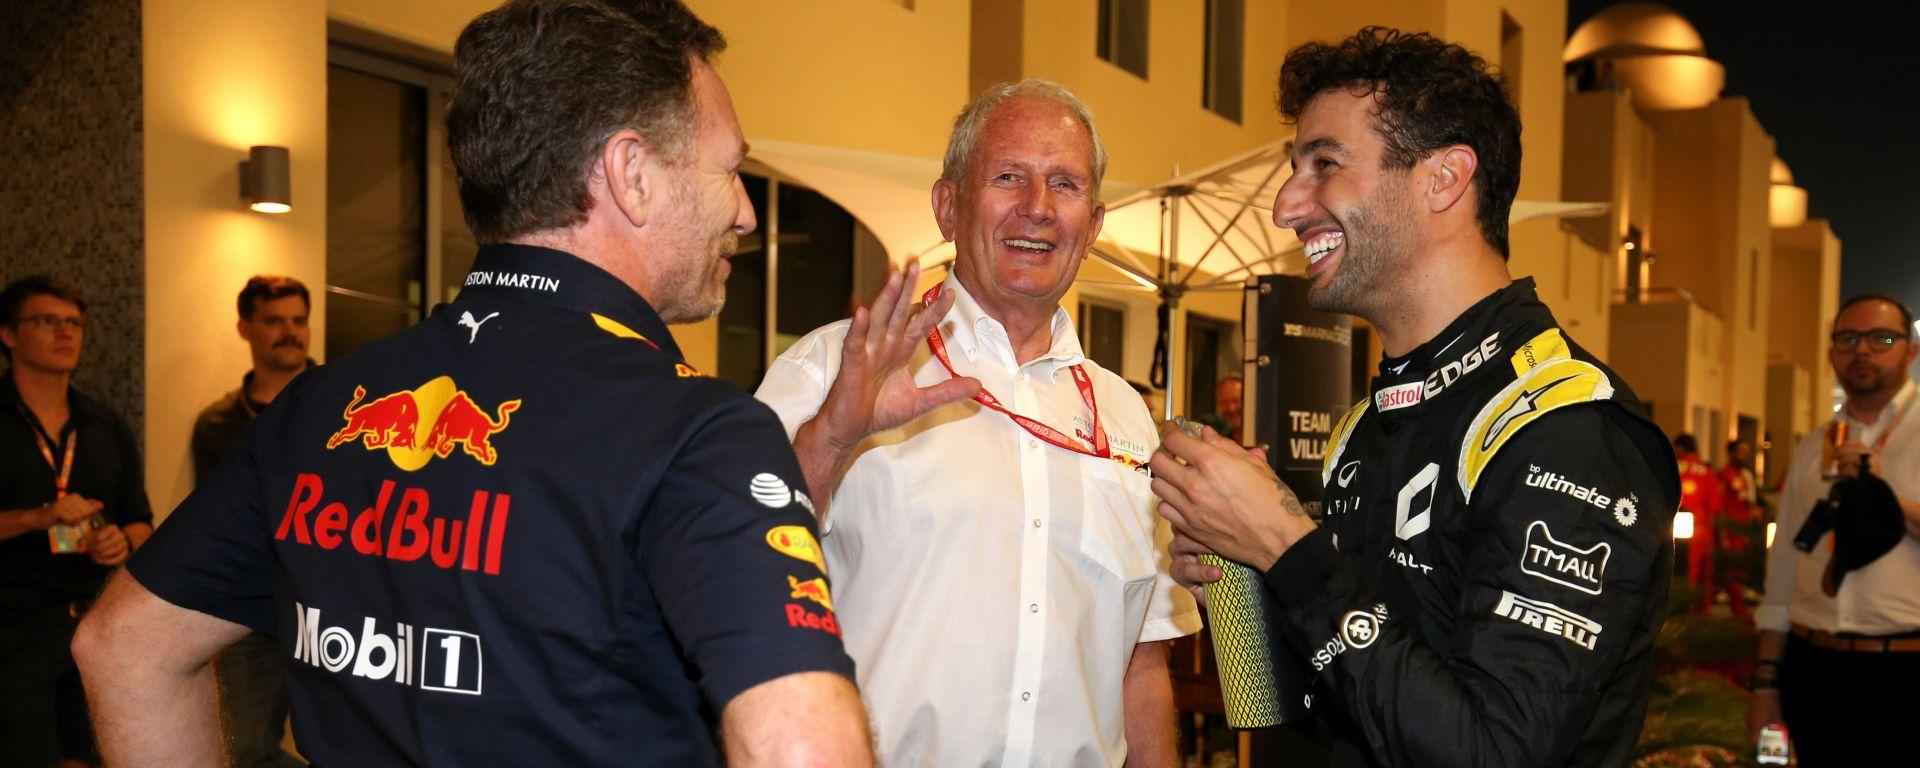 F1 2019: Chris Hoerne ed Helmut Marko (Red Bull) chiacchierano con Daniel Ricciardo (Renault)